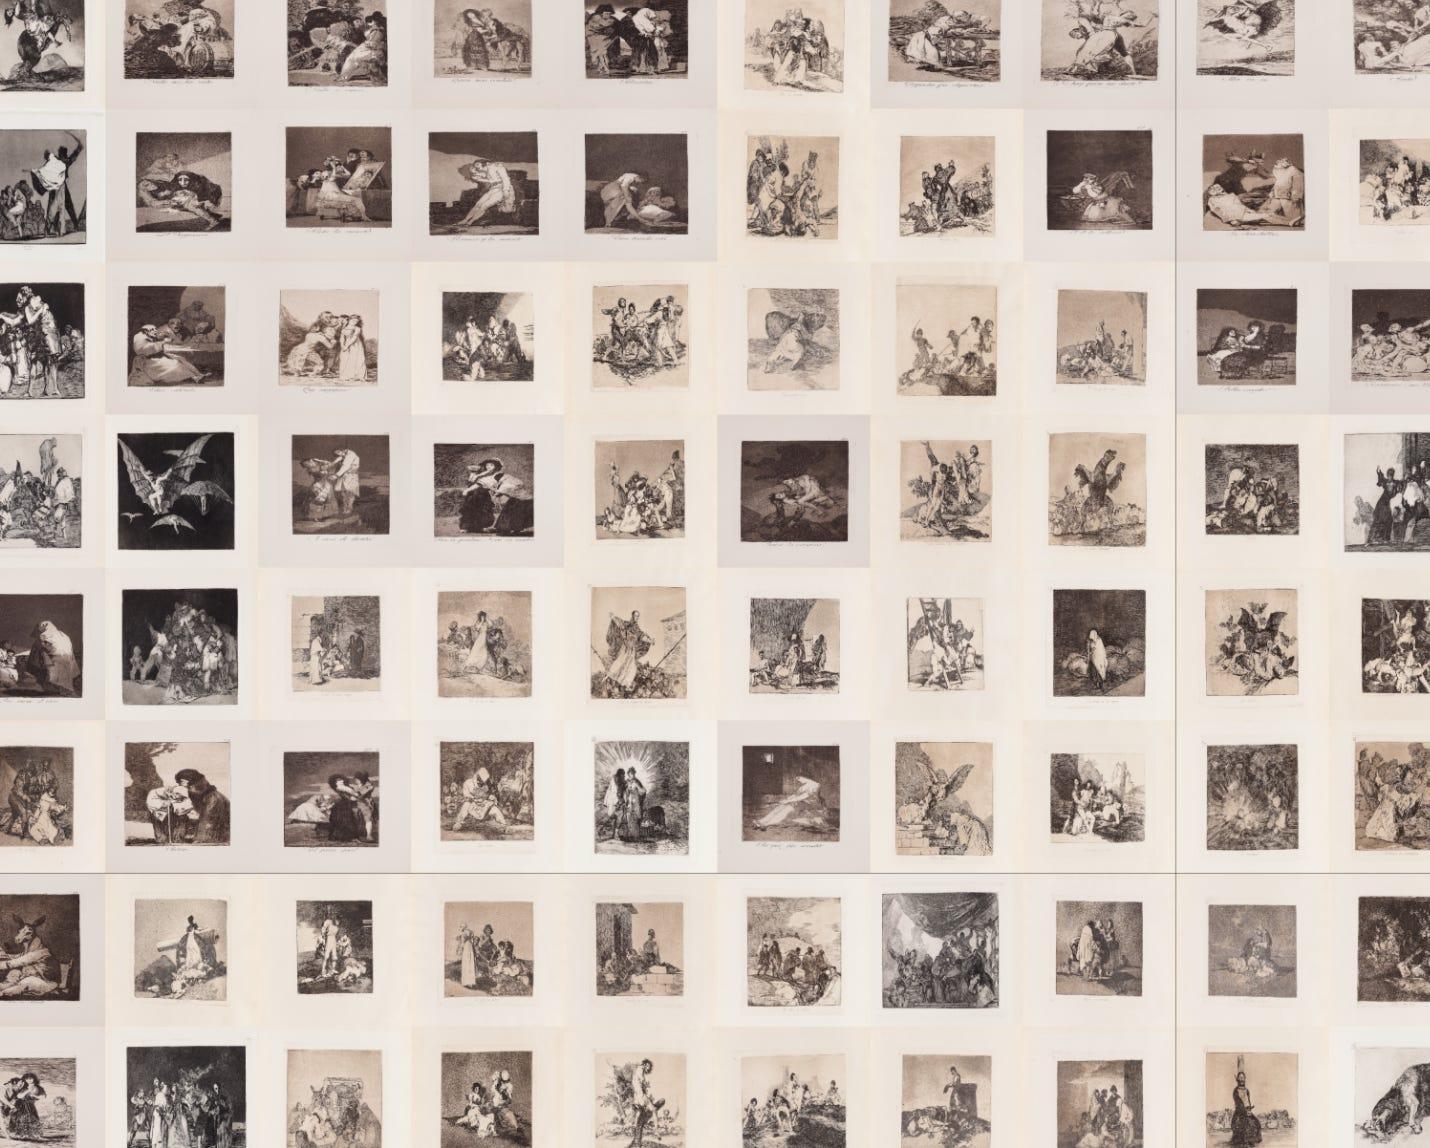 Original dataset of Goya's etching